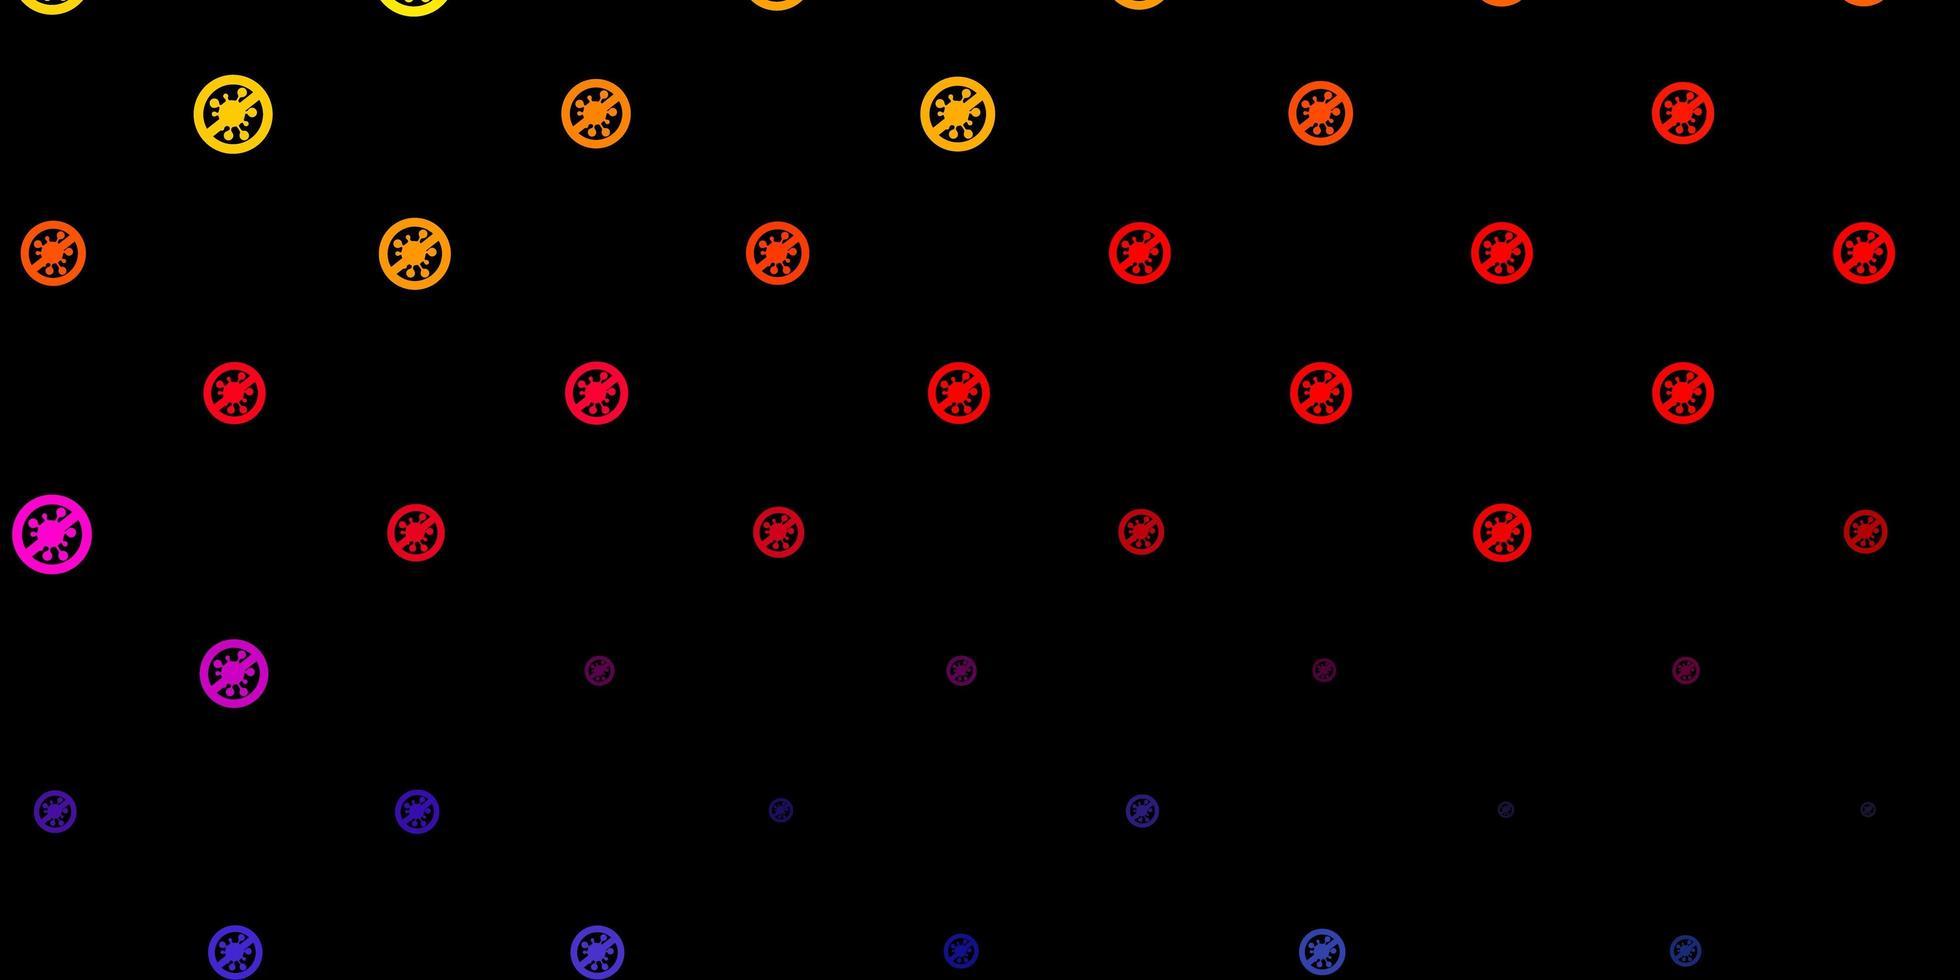 trama vettoriale rosa scuro, giallo con simboli di malattia.